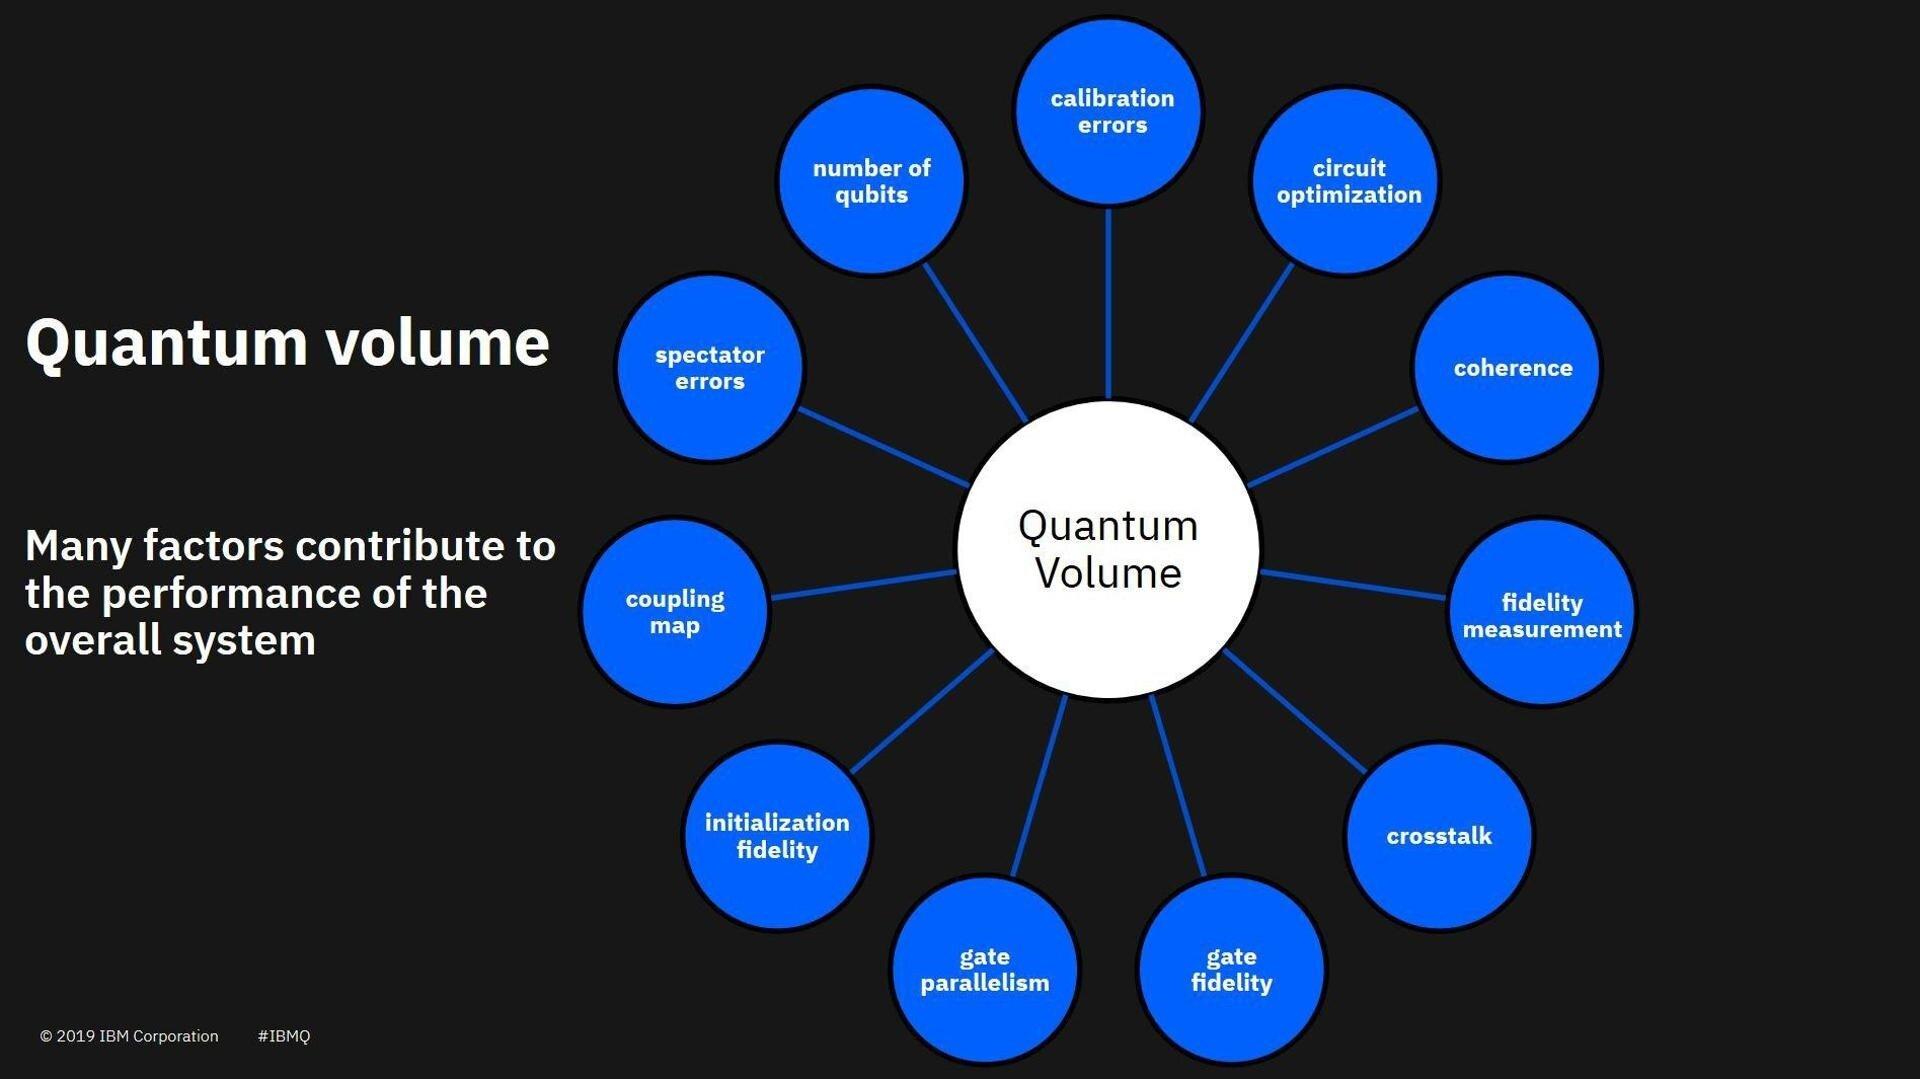 Quantum Volume als Maßeinheit für Quantencomputer